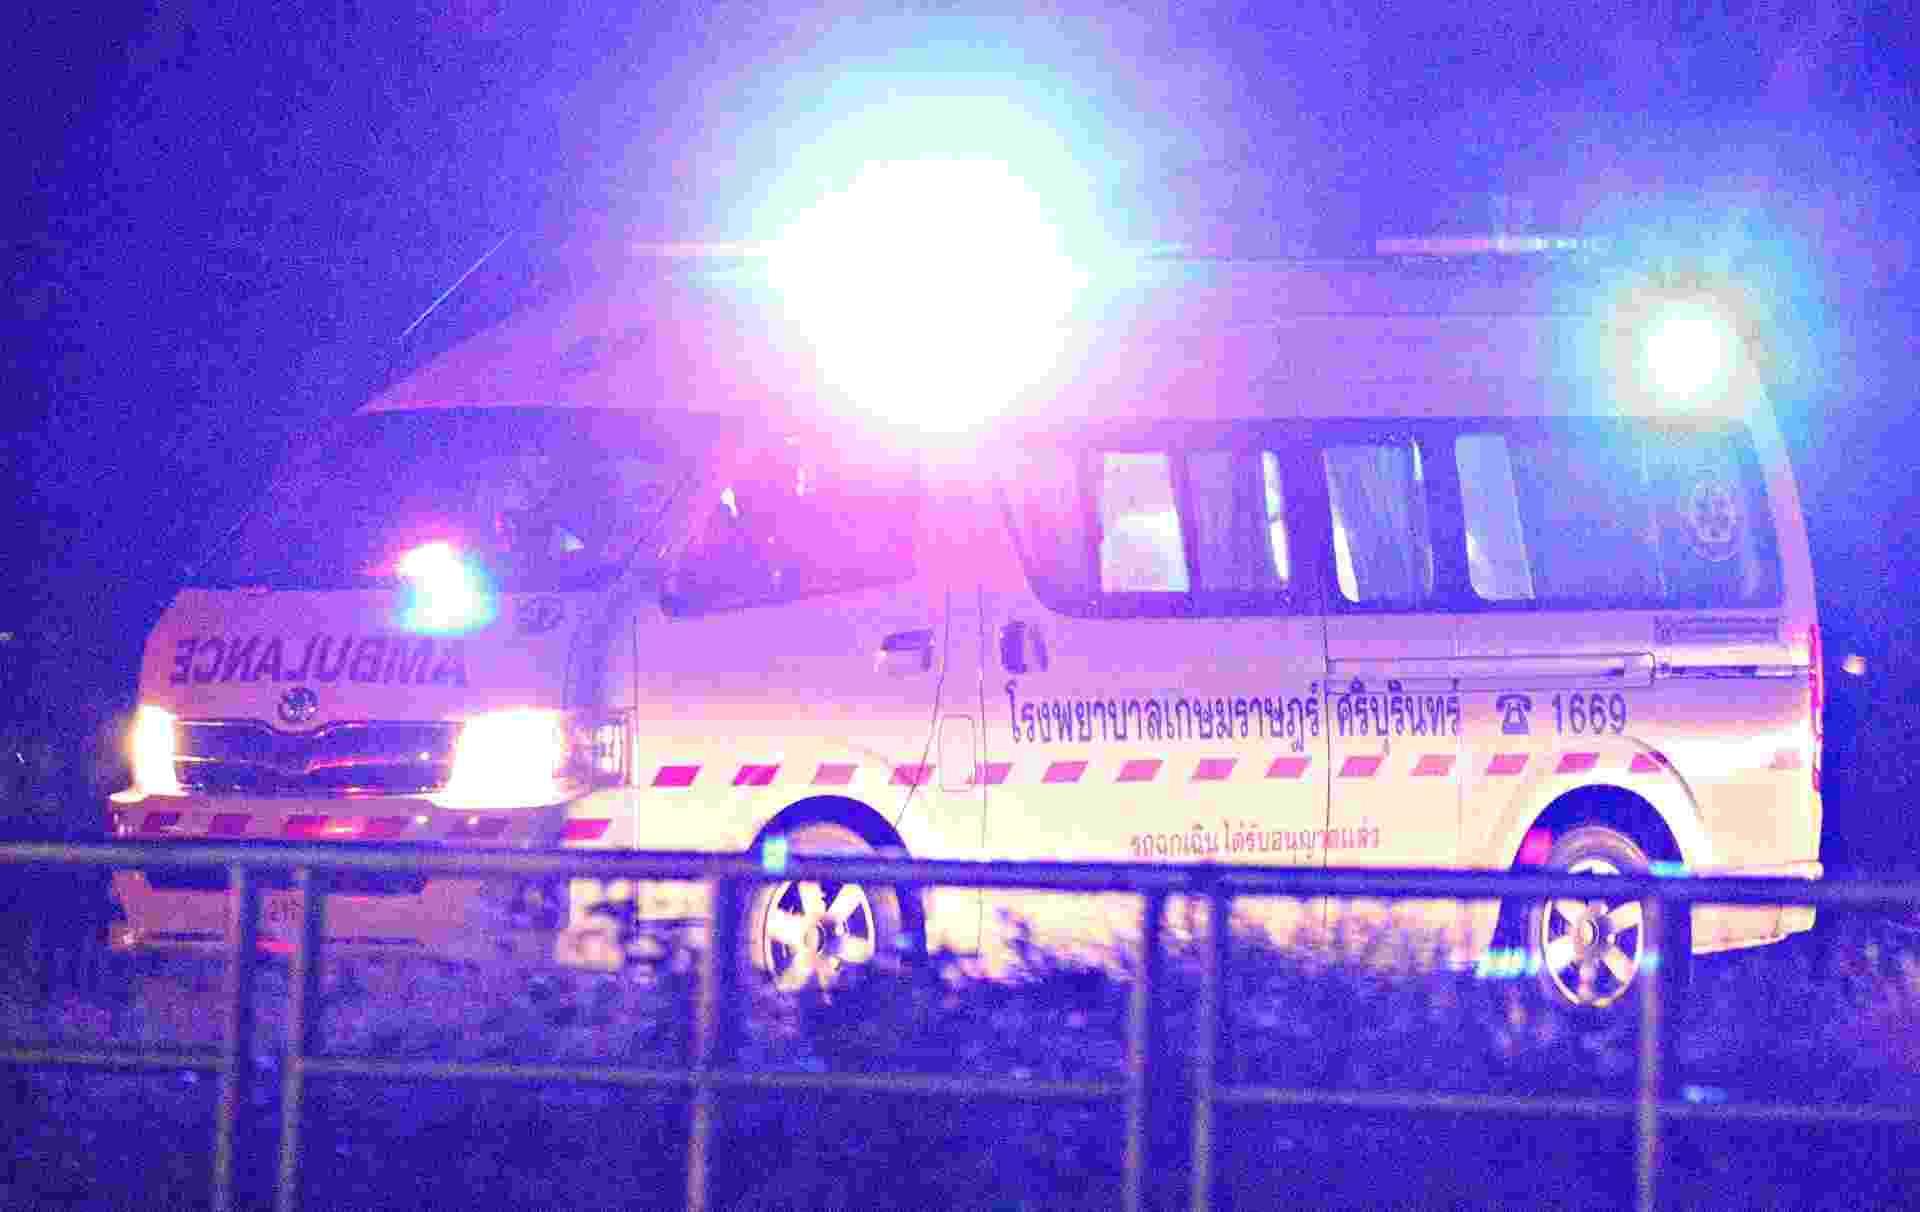 8.jul.2018 - Ambulância carregando garotos resgatados de caverna na Tailândia sai em direção a aeroporto militar na província de Chiang Rai, ao norte do país - Athit Perawongmetha/Reuters